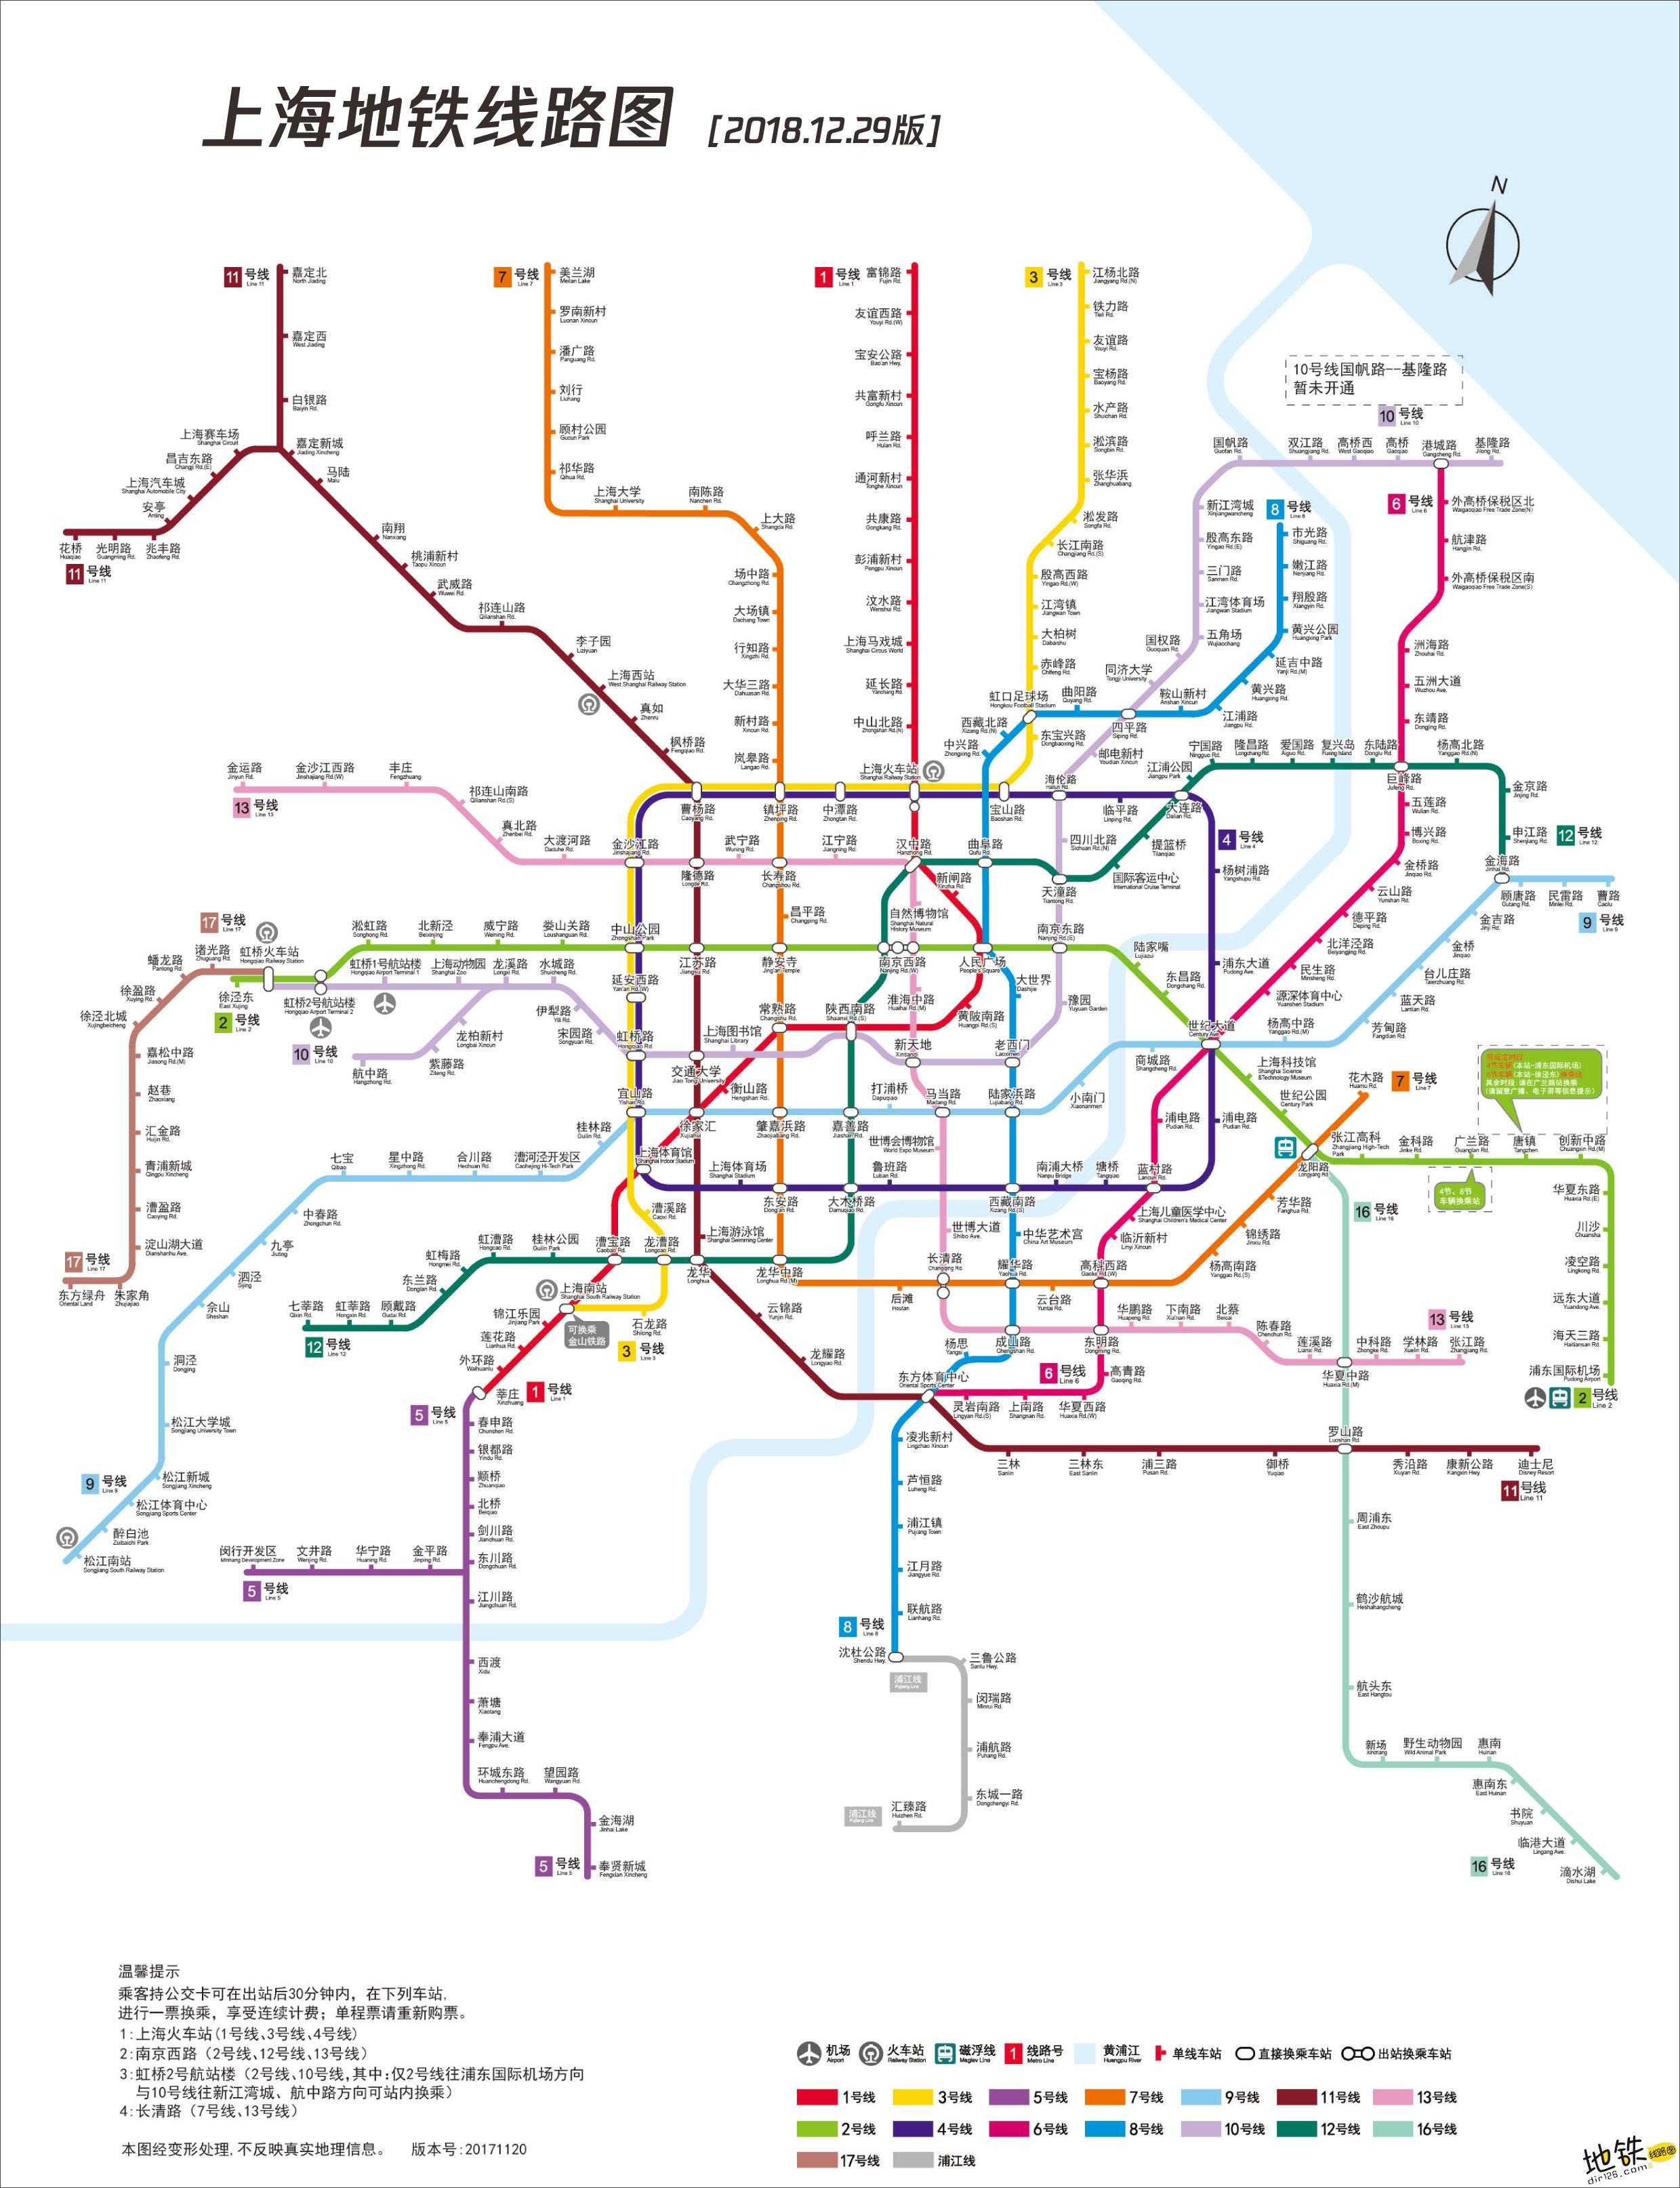 上海地铁线路图 运营时间票价站点 查询下载 上海地铁线路图 上海地铁票价 上海地铁运营时间 上海地铁 上海地铁线路图  第1张